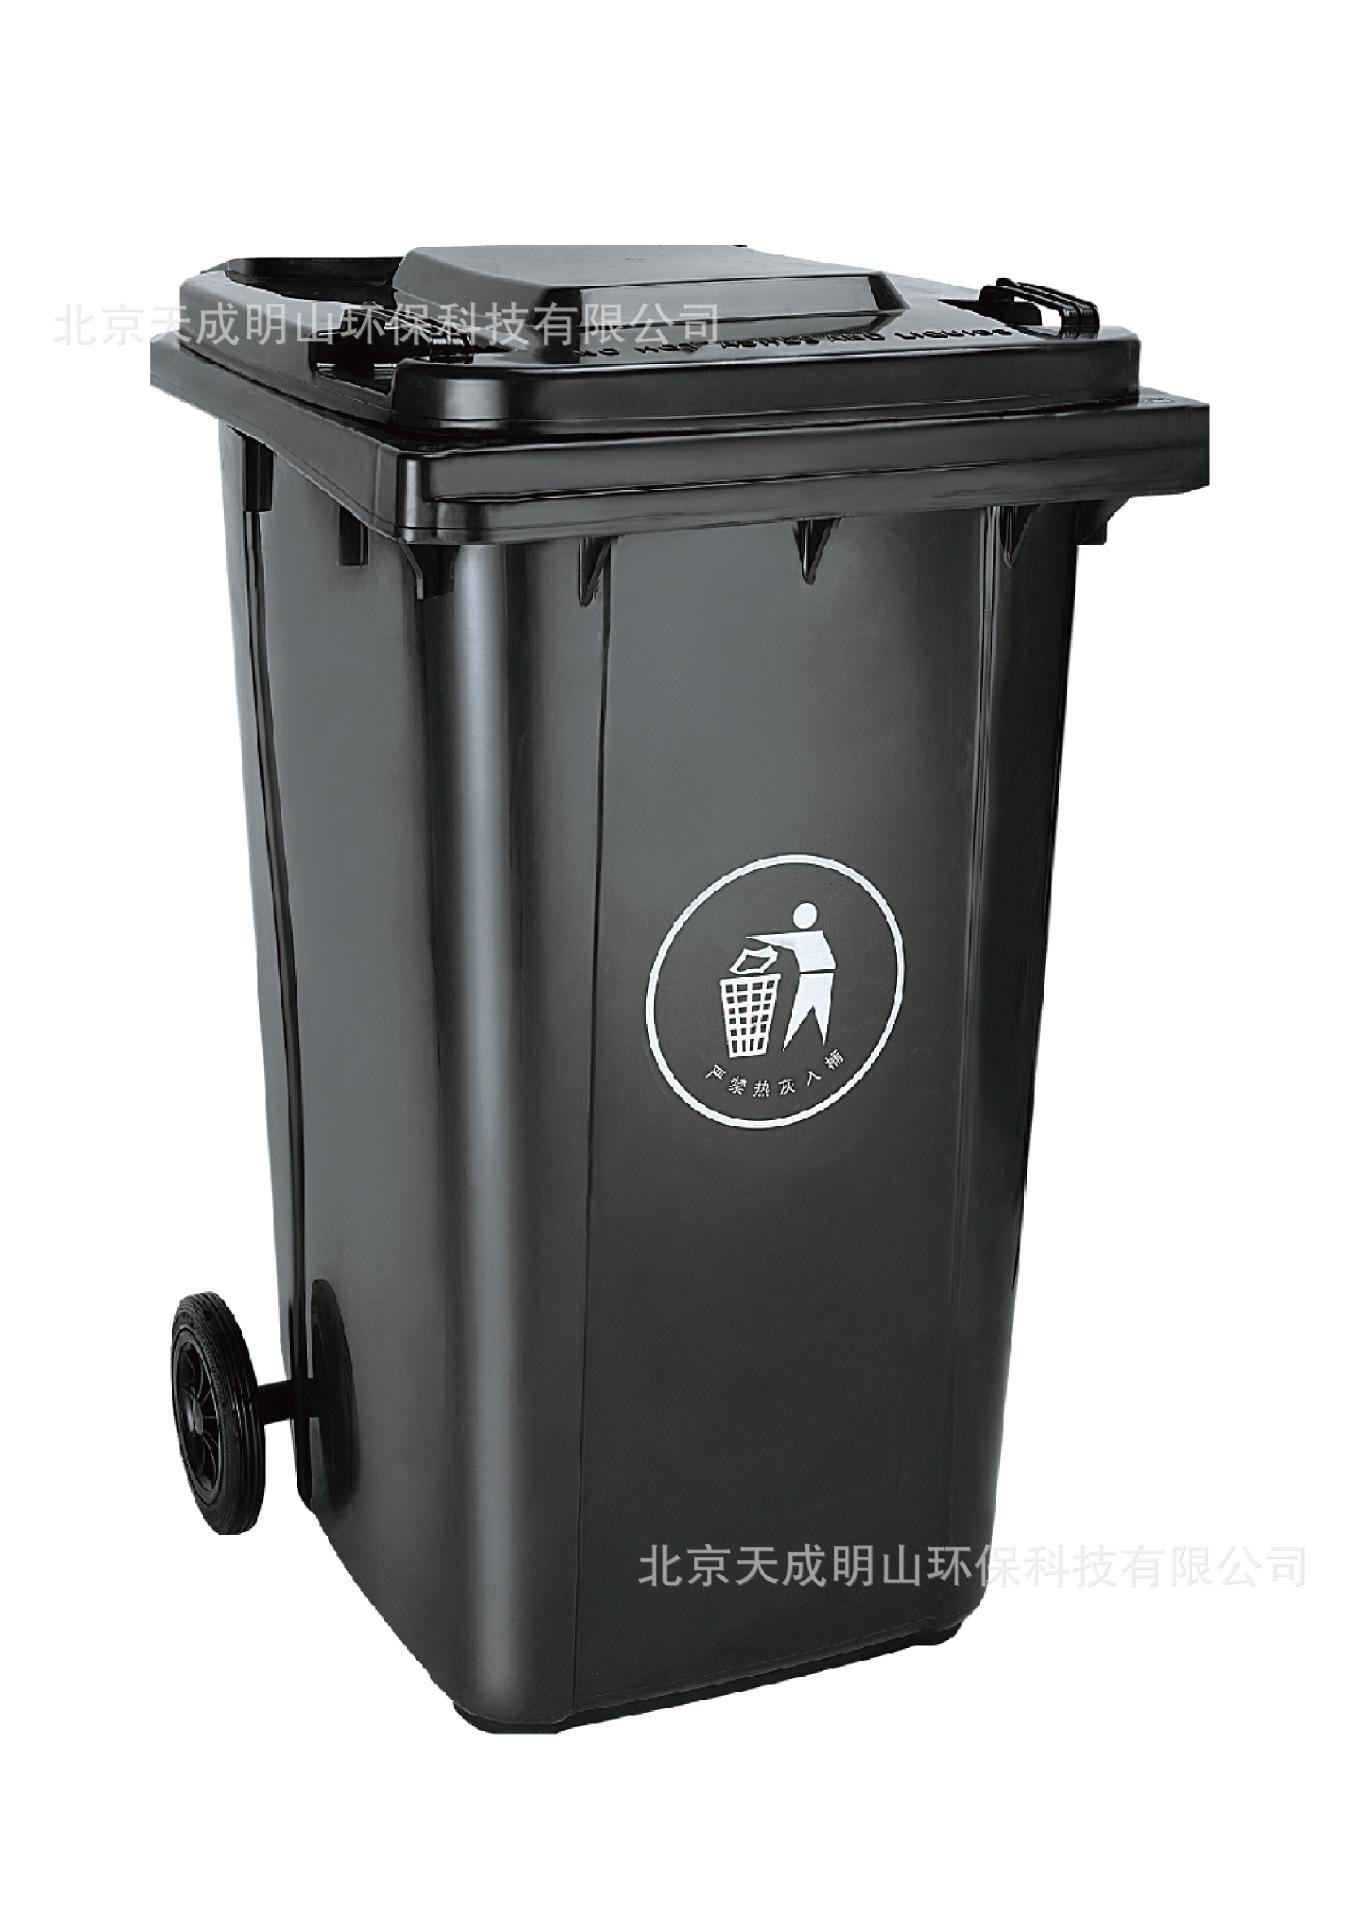 塑料垃圾桶_物业塑料垃圾桶